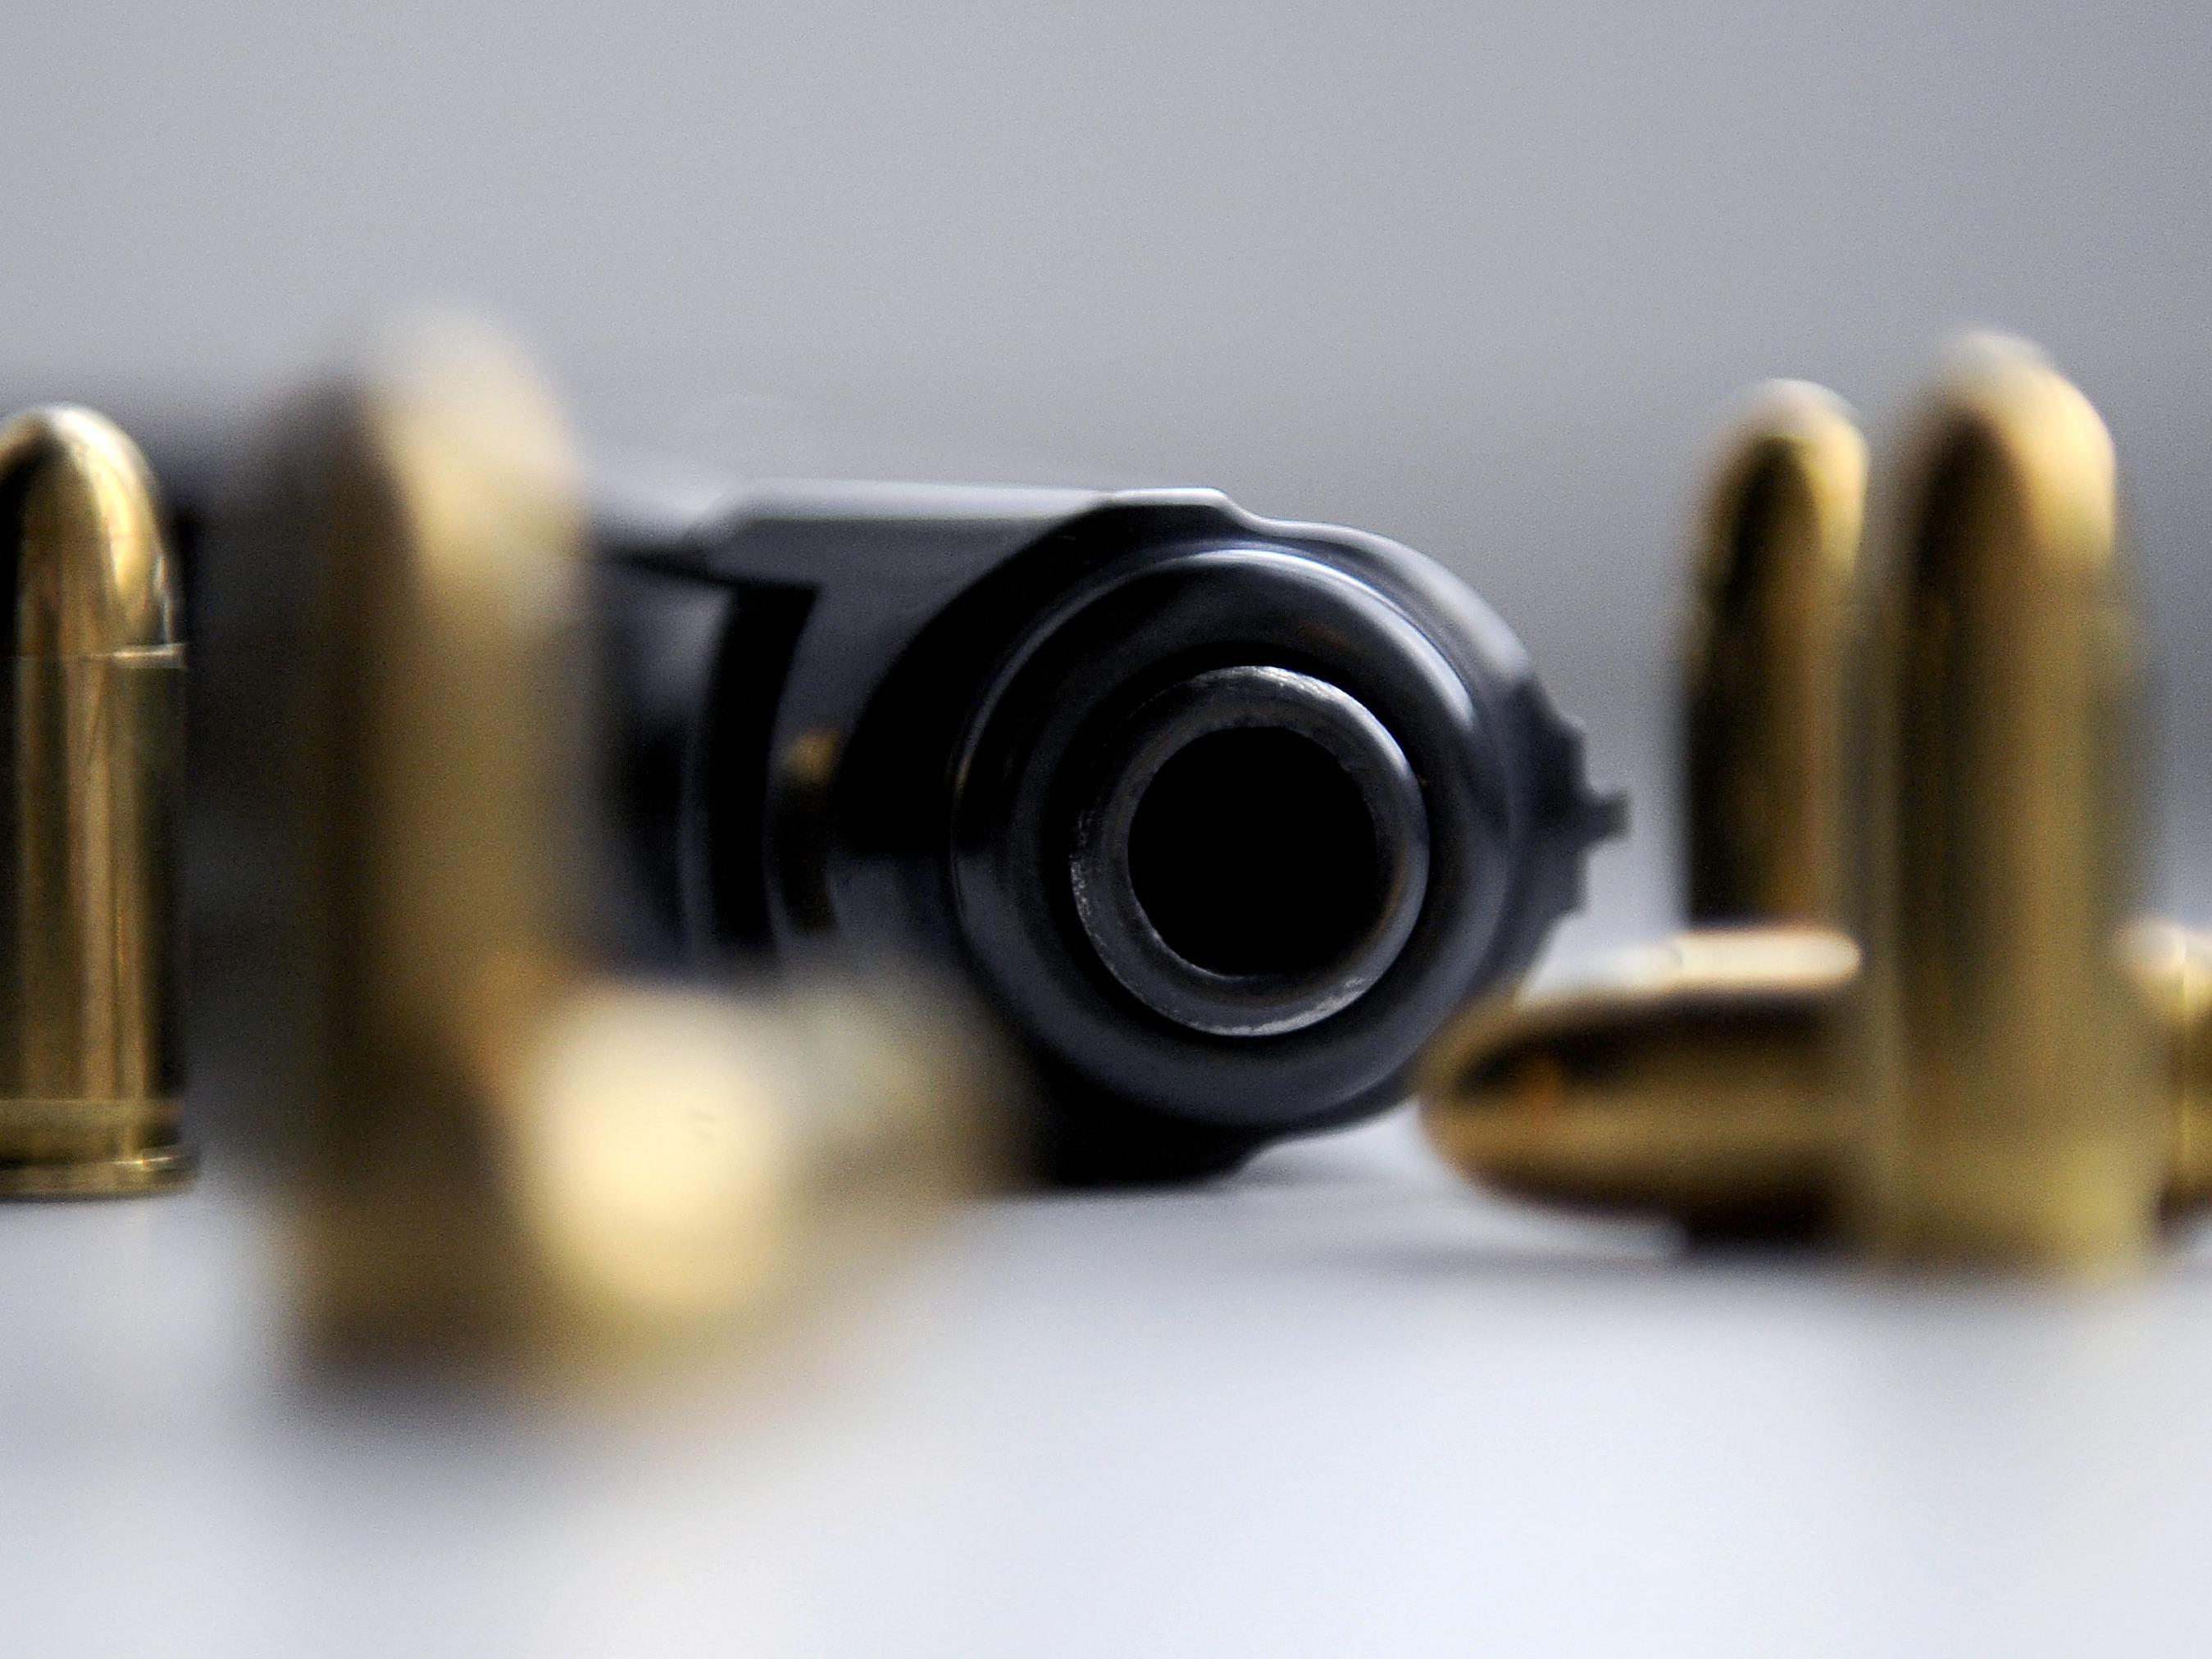 Private Waffen erhöhen laut der Polizei Vorarlberg nicht die Sicherheit.